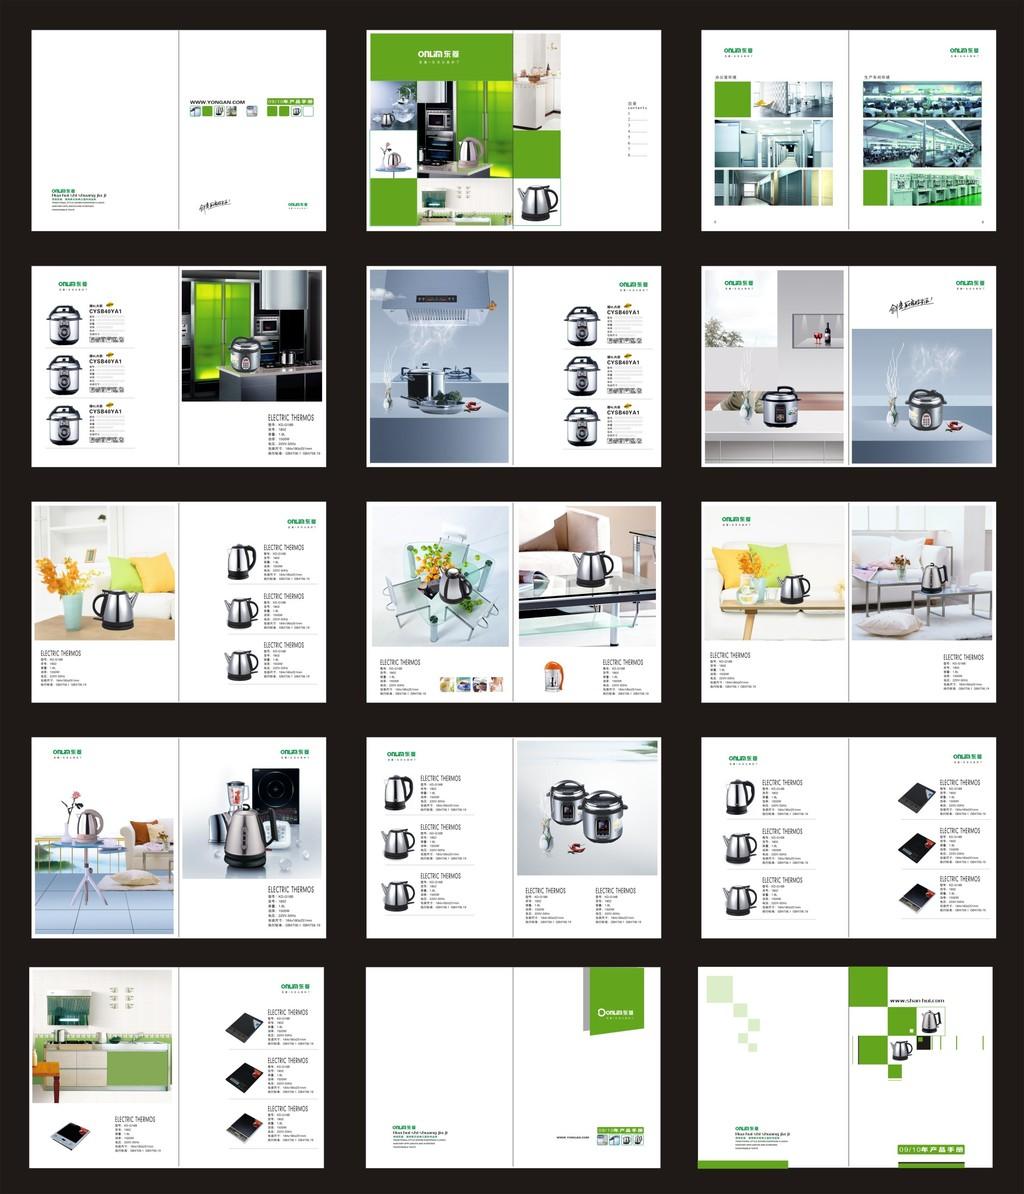 产品手册 产品画册 厨电产品画册 画册版式设计 画册排版 画册内页图片